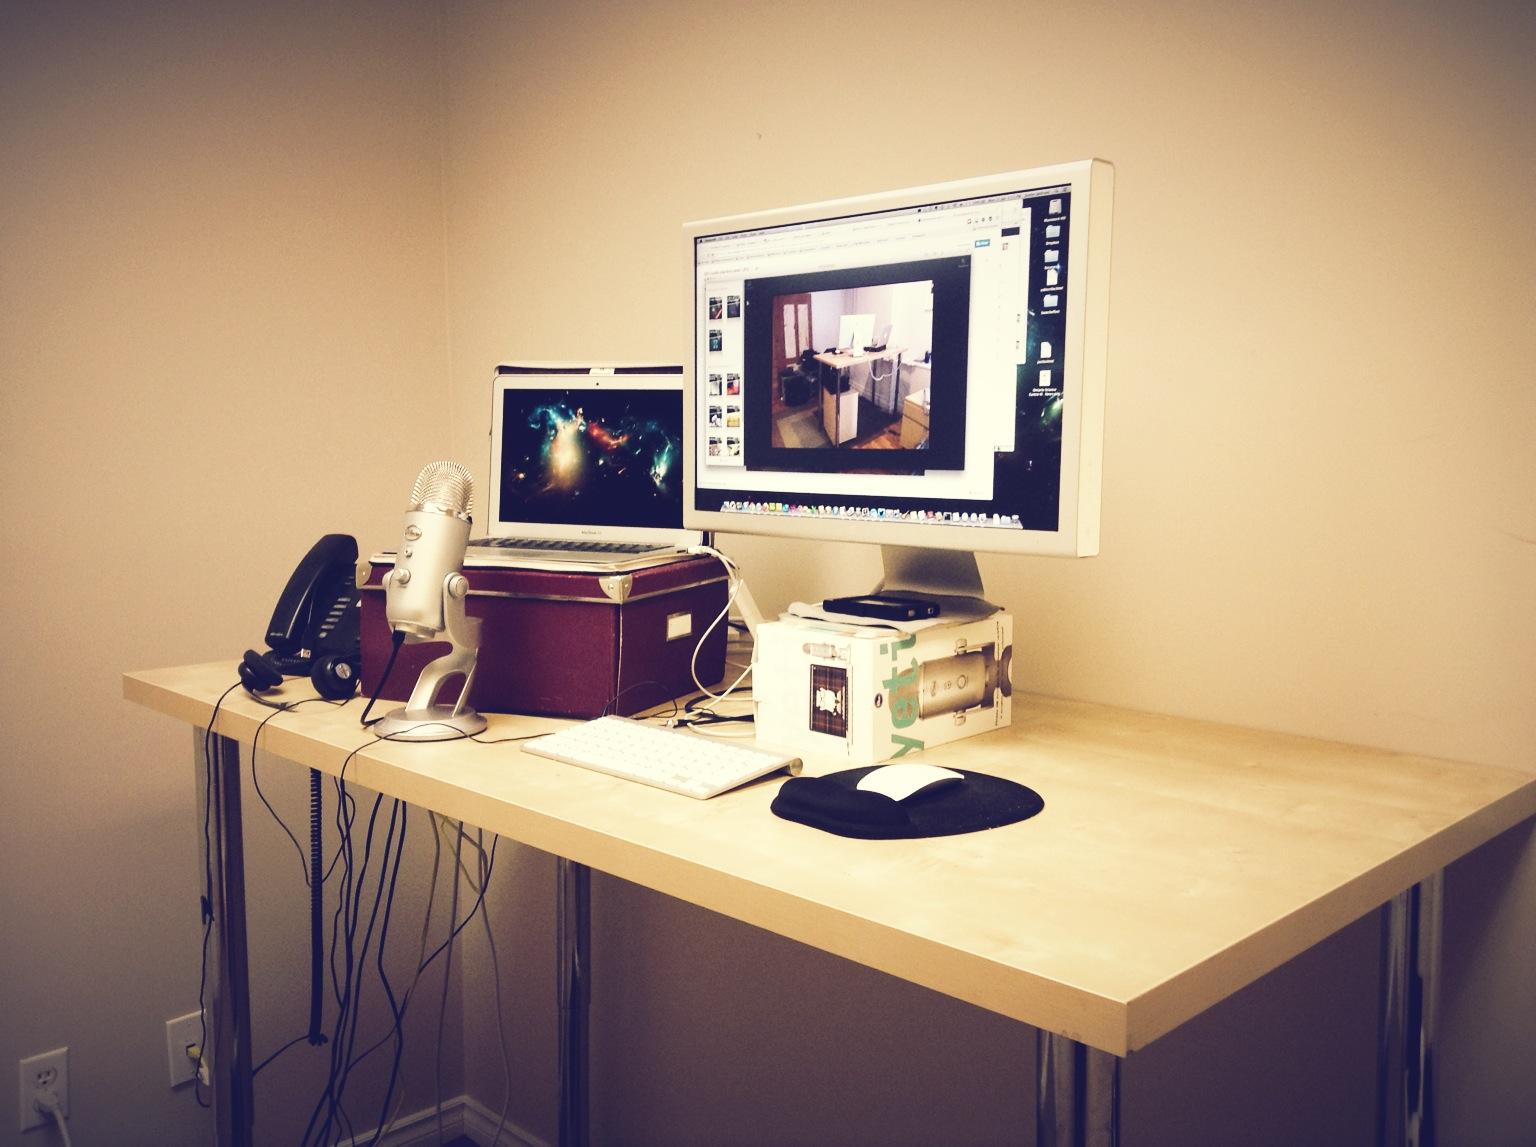 A Vika Byske Standing Desk By Mijustin